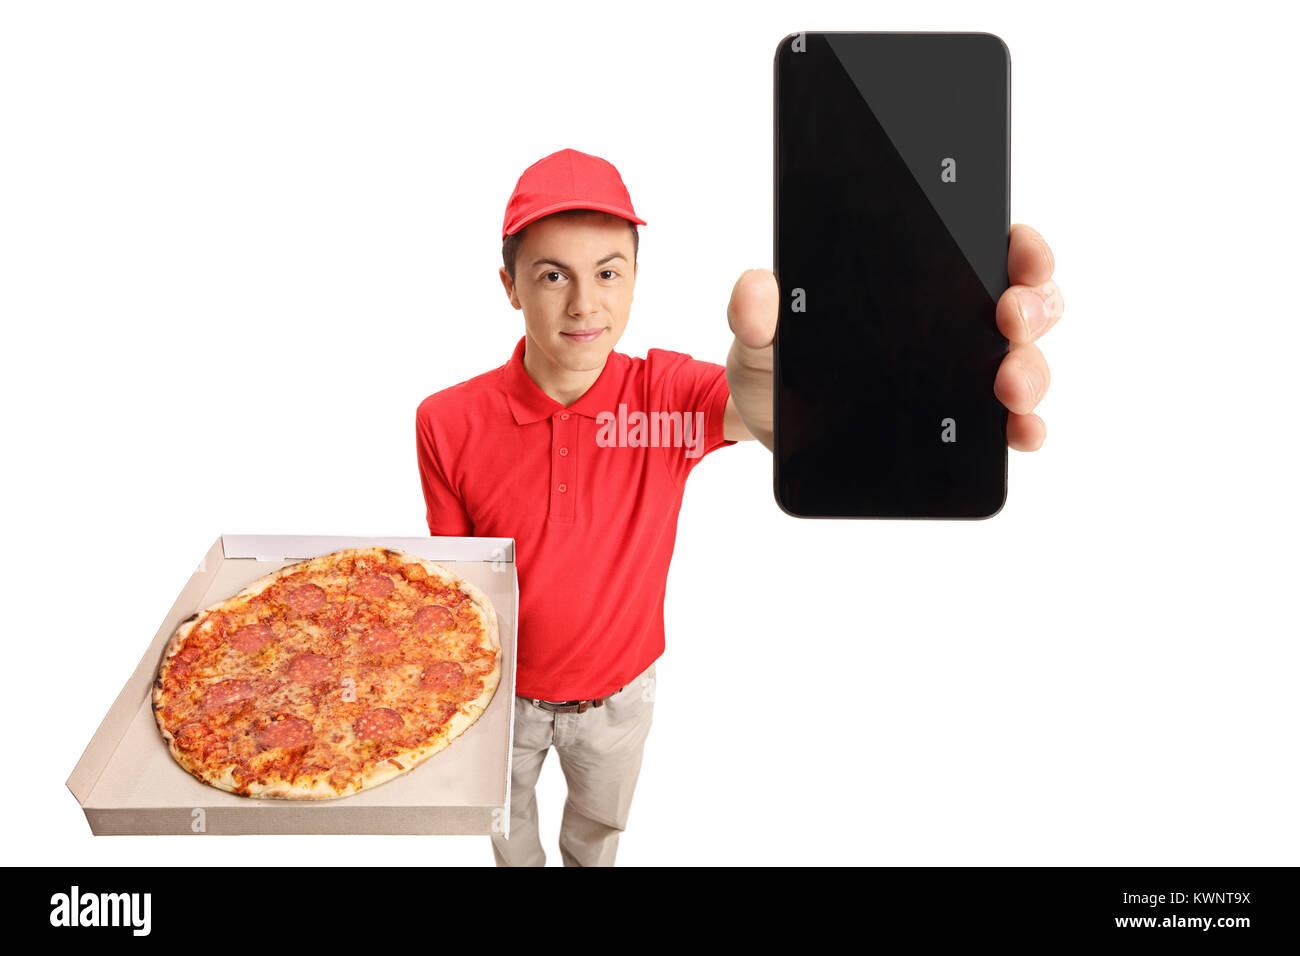 Persona Che Consegna Pizze Immagini Persona Che Consegna Pizze